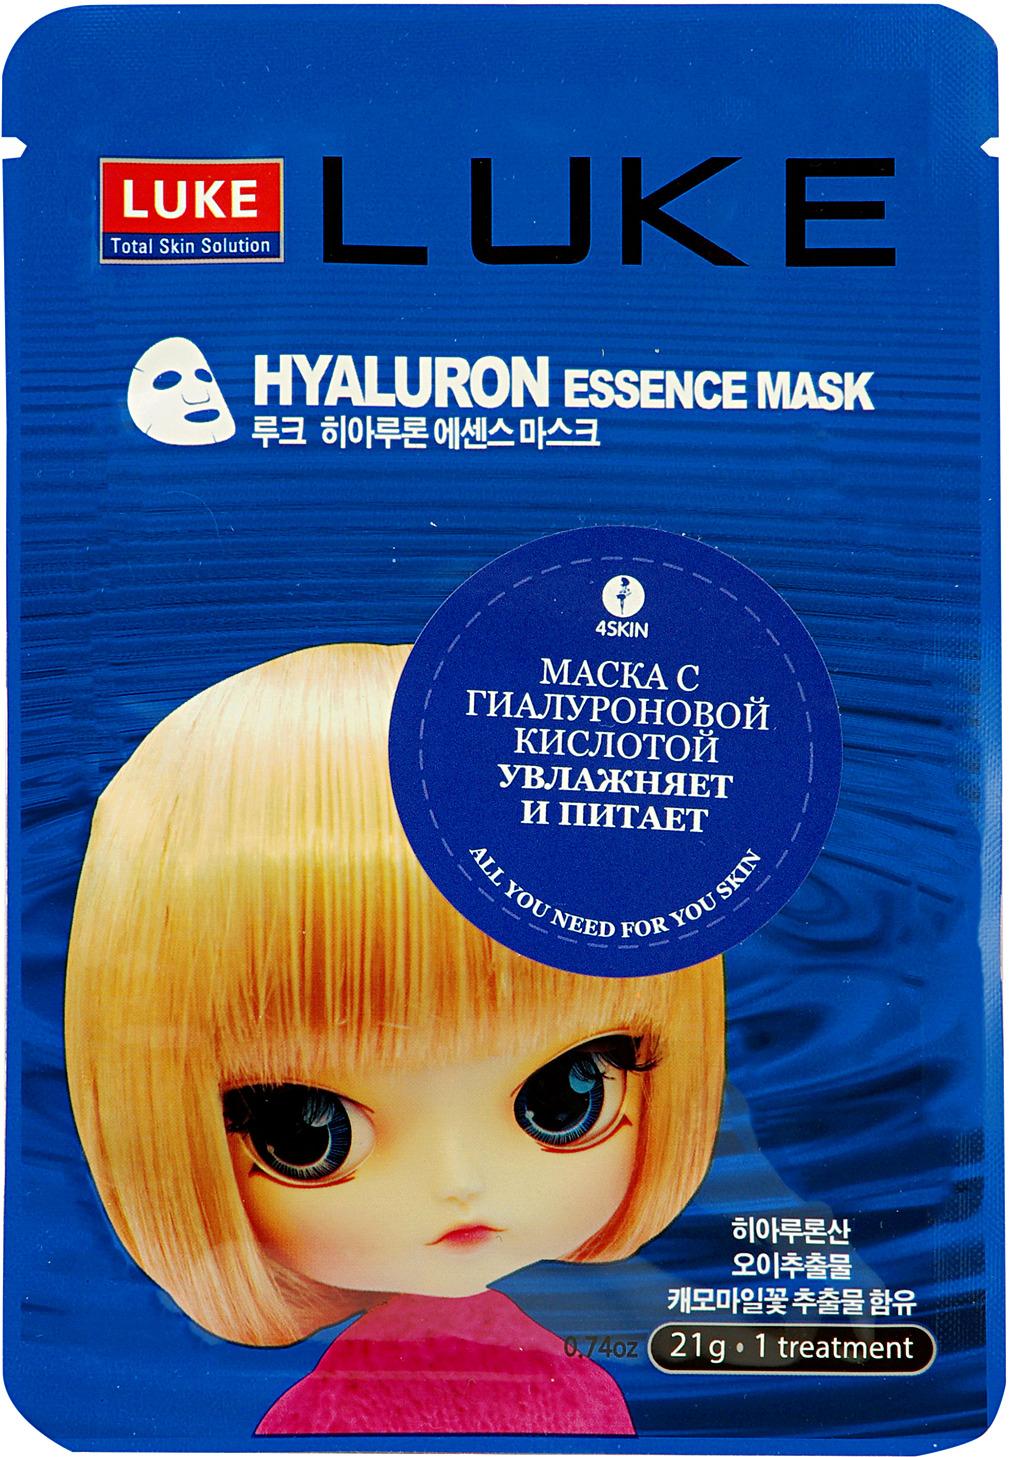 Luke Маска с гиалуроновой кислотой Hyaluron Essence Mask 21 г premium jet cosmetics маска суперальгинатная биоплацентарное омоложение с гиалуроновой кислотой 20 г и 60 мл